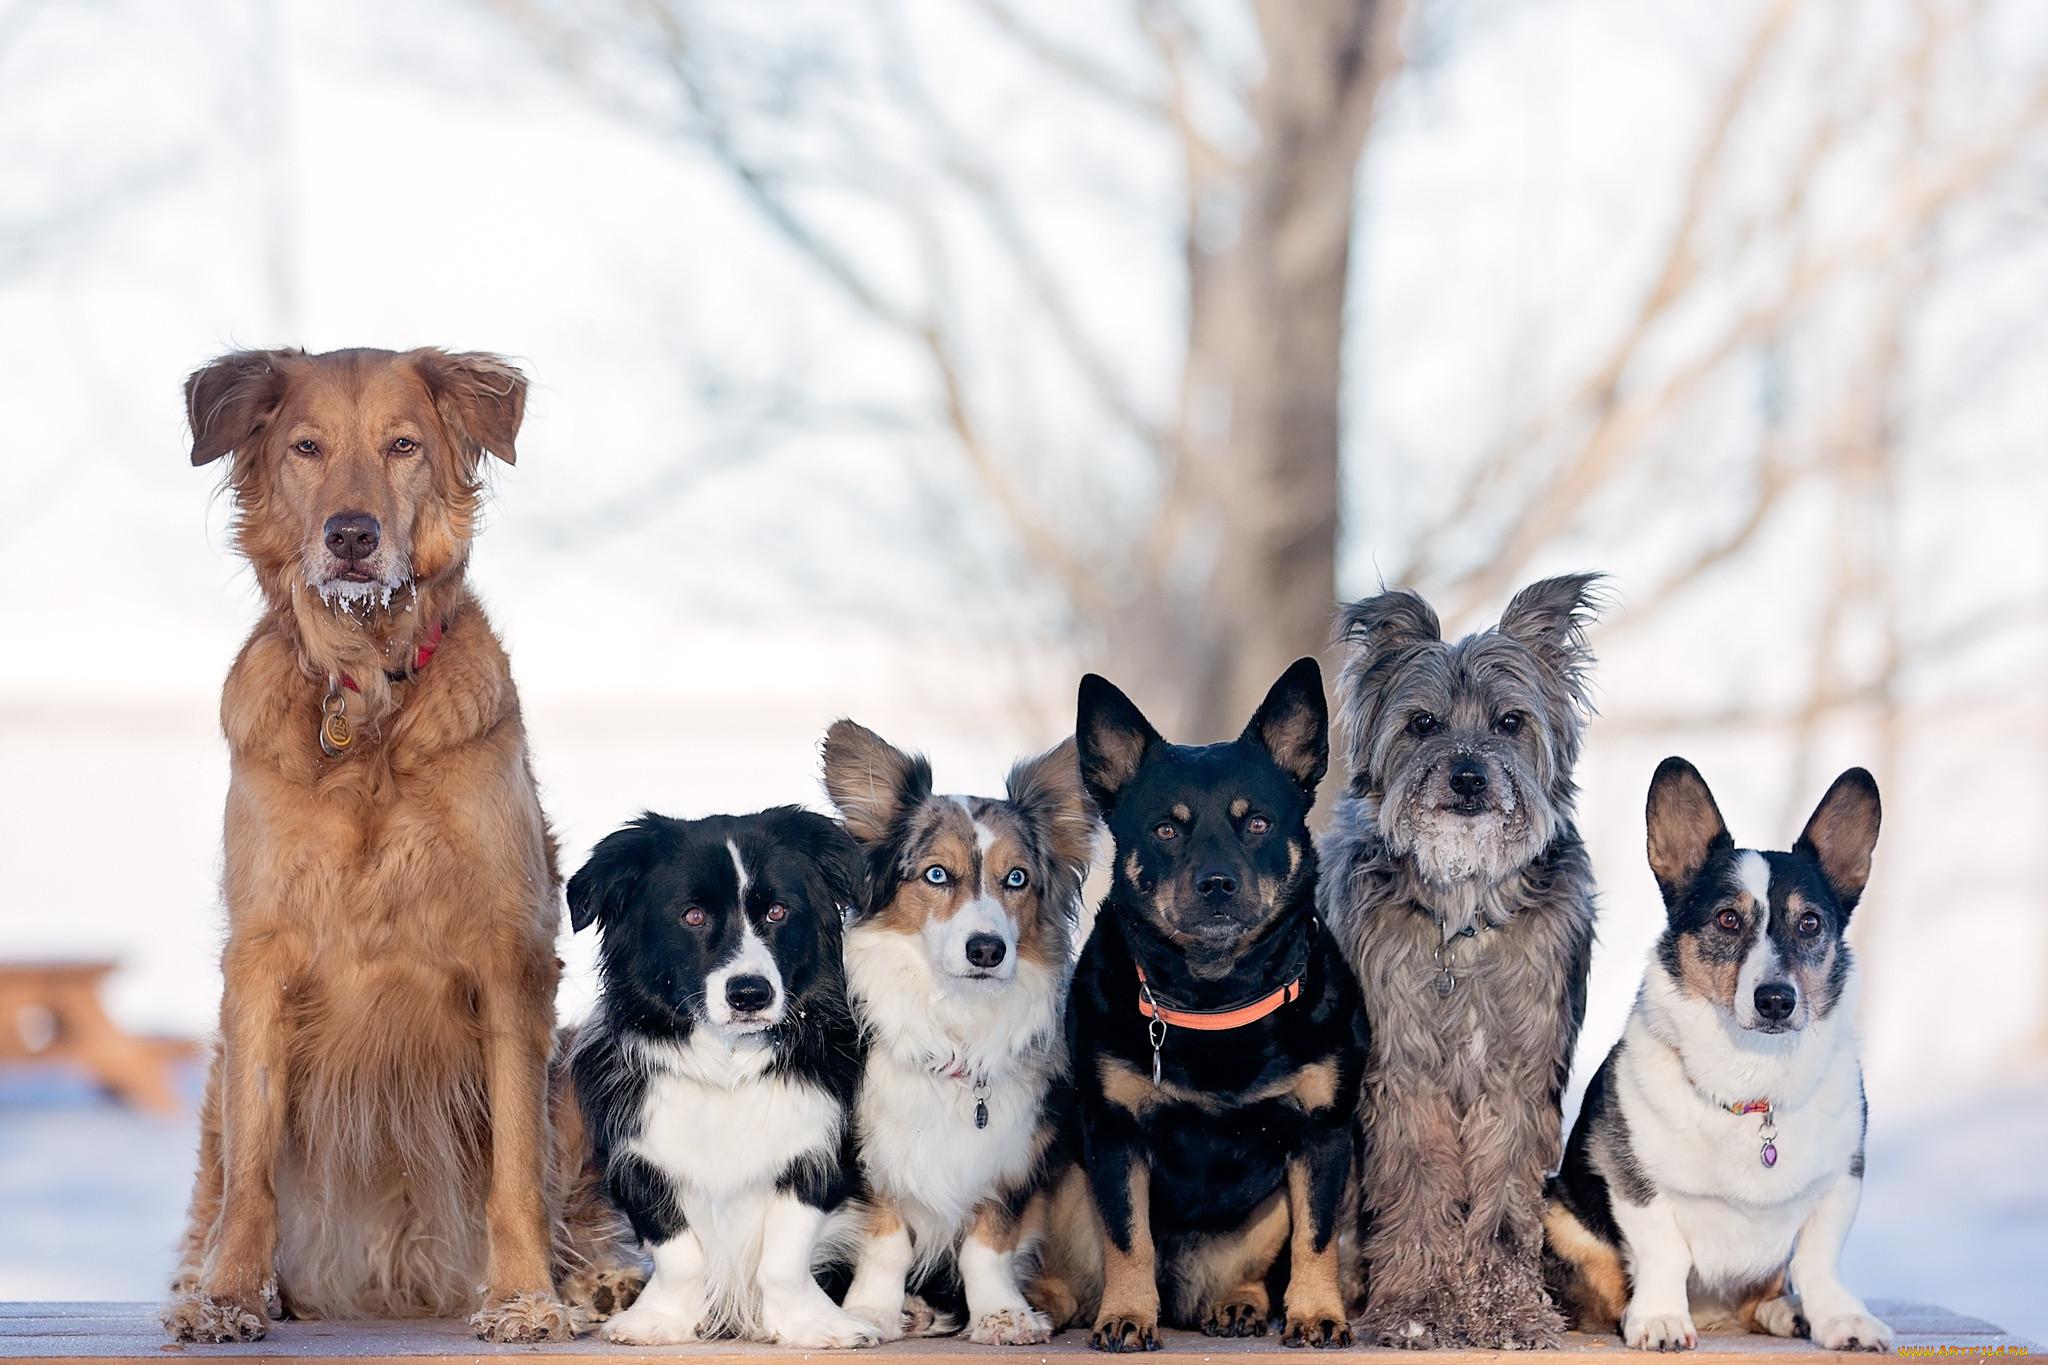 смотреть картинки все собаки смогла опередить ближайших